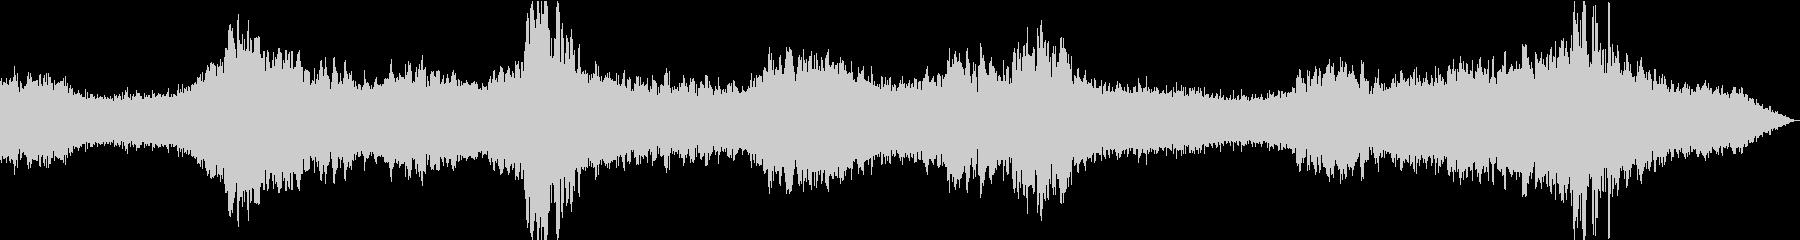 PADS ブレストゥブレス01の未再生の波形